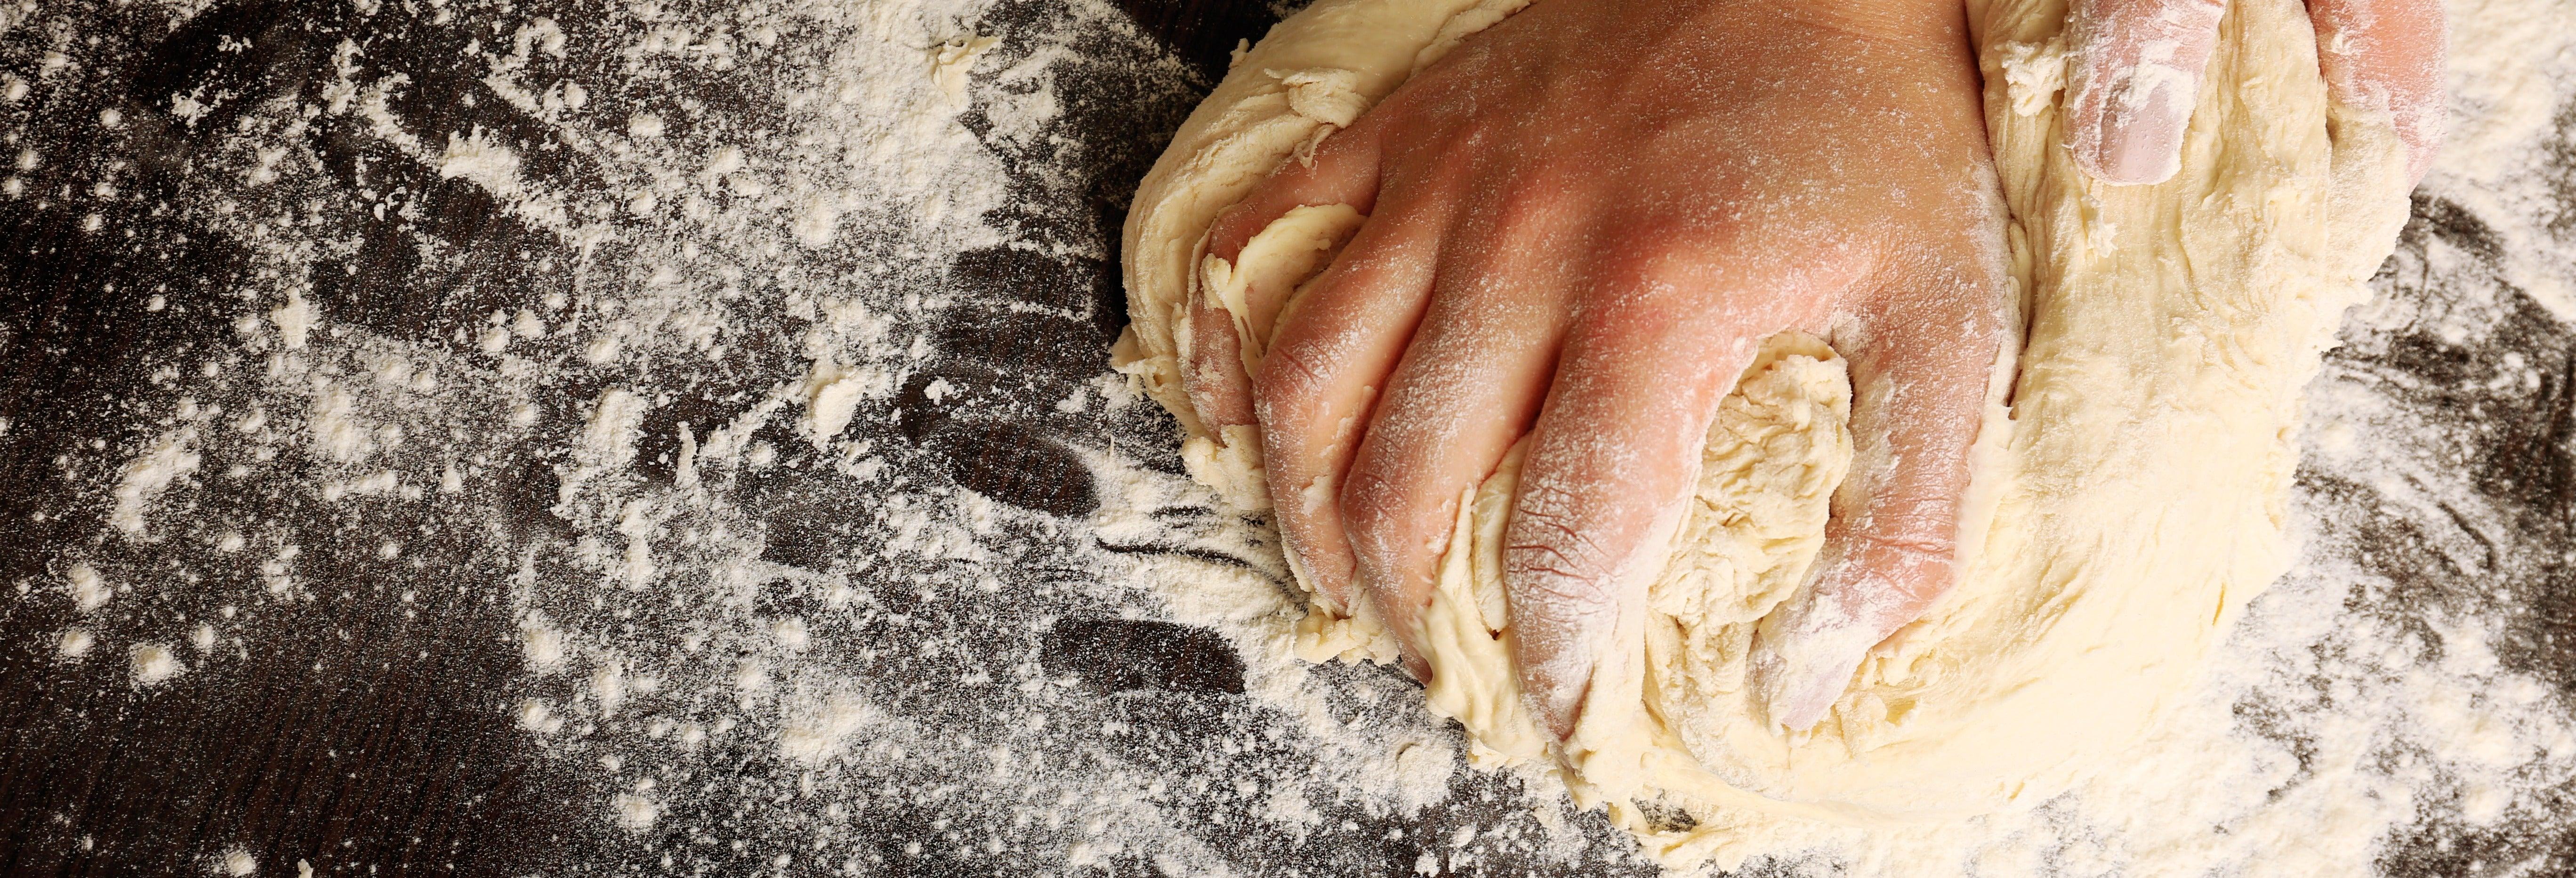 Oficina de pão italiano